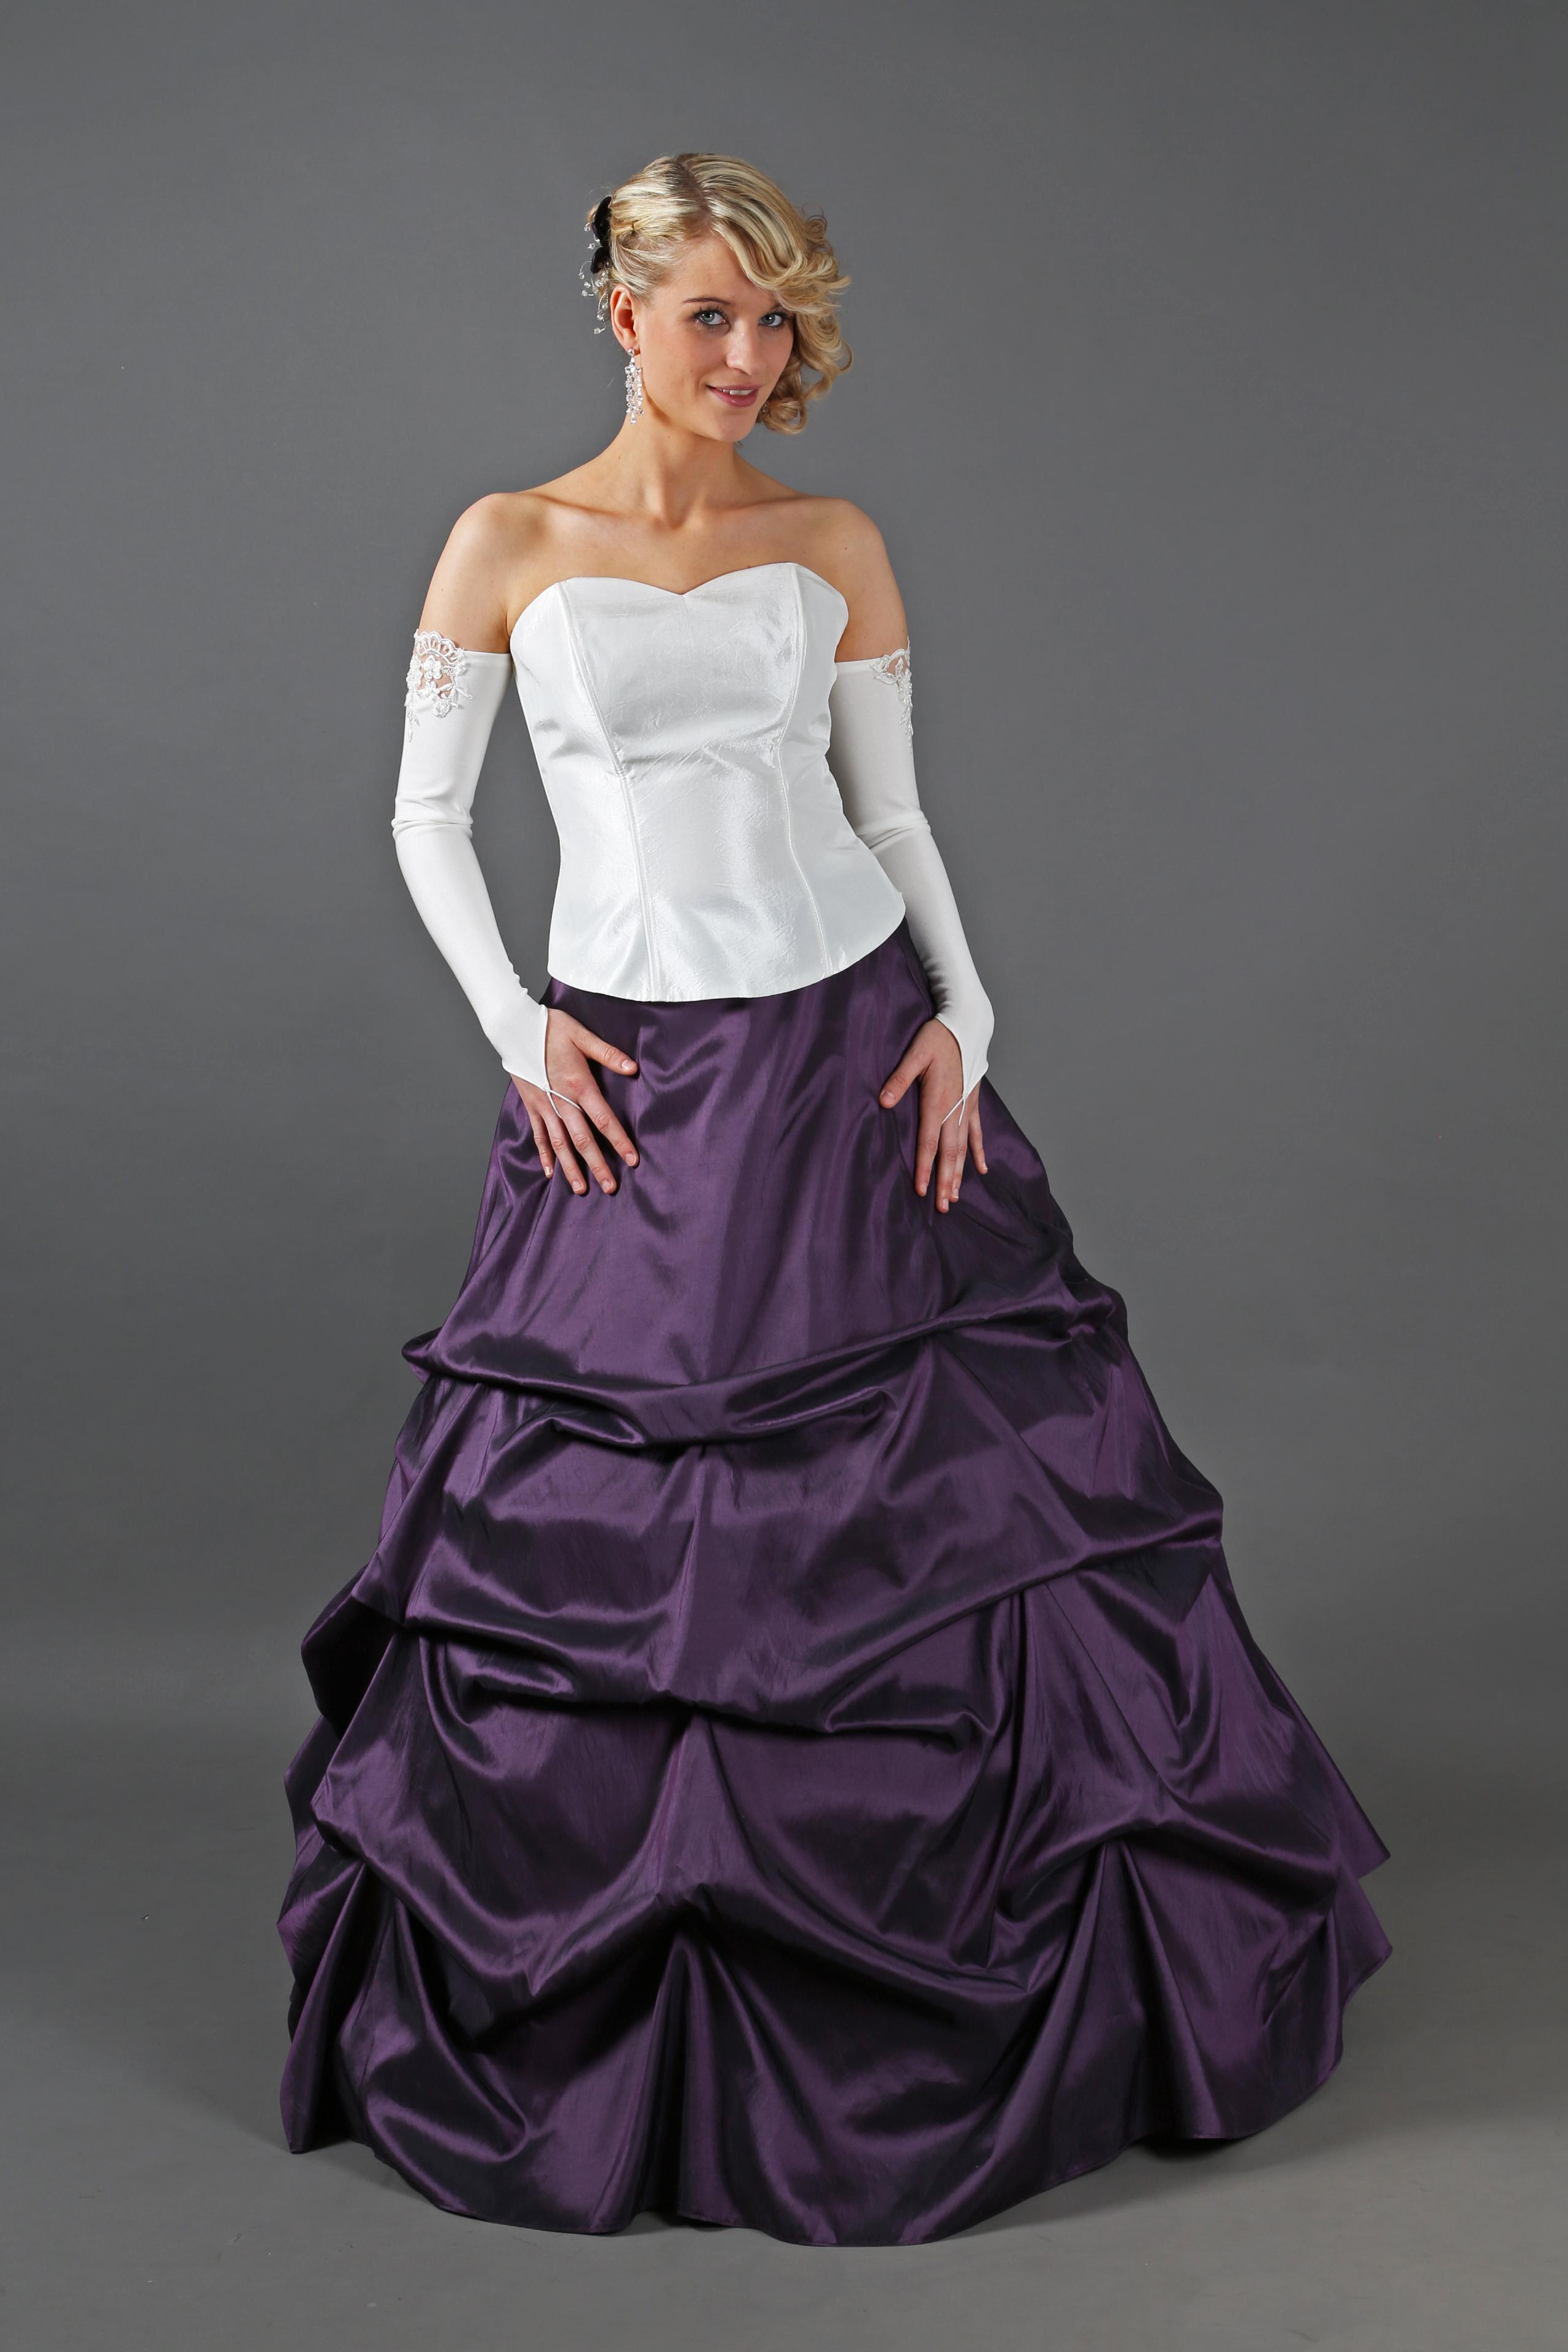 Maßgeschneiderte Brautkleider für Ihre Traumhochzeit - Kleiderfreuden